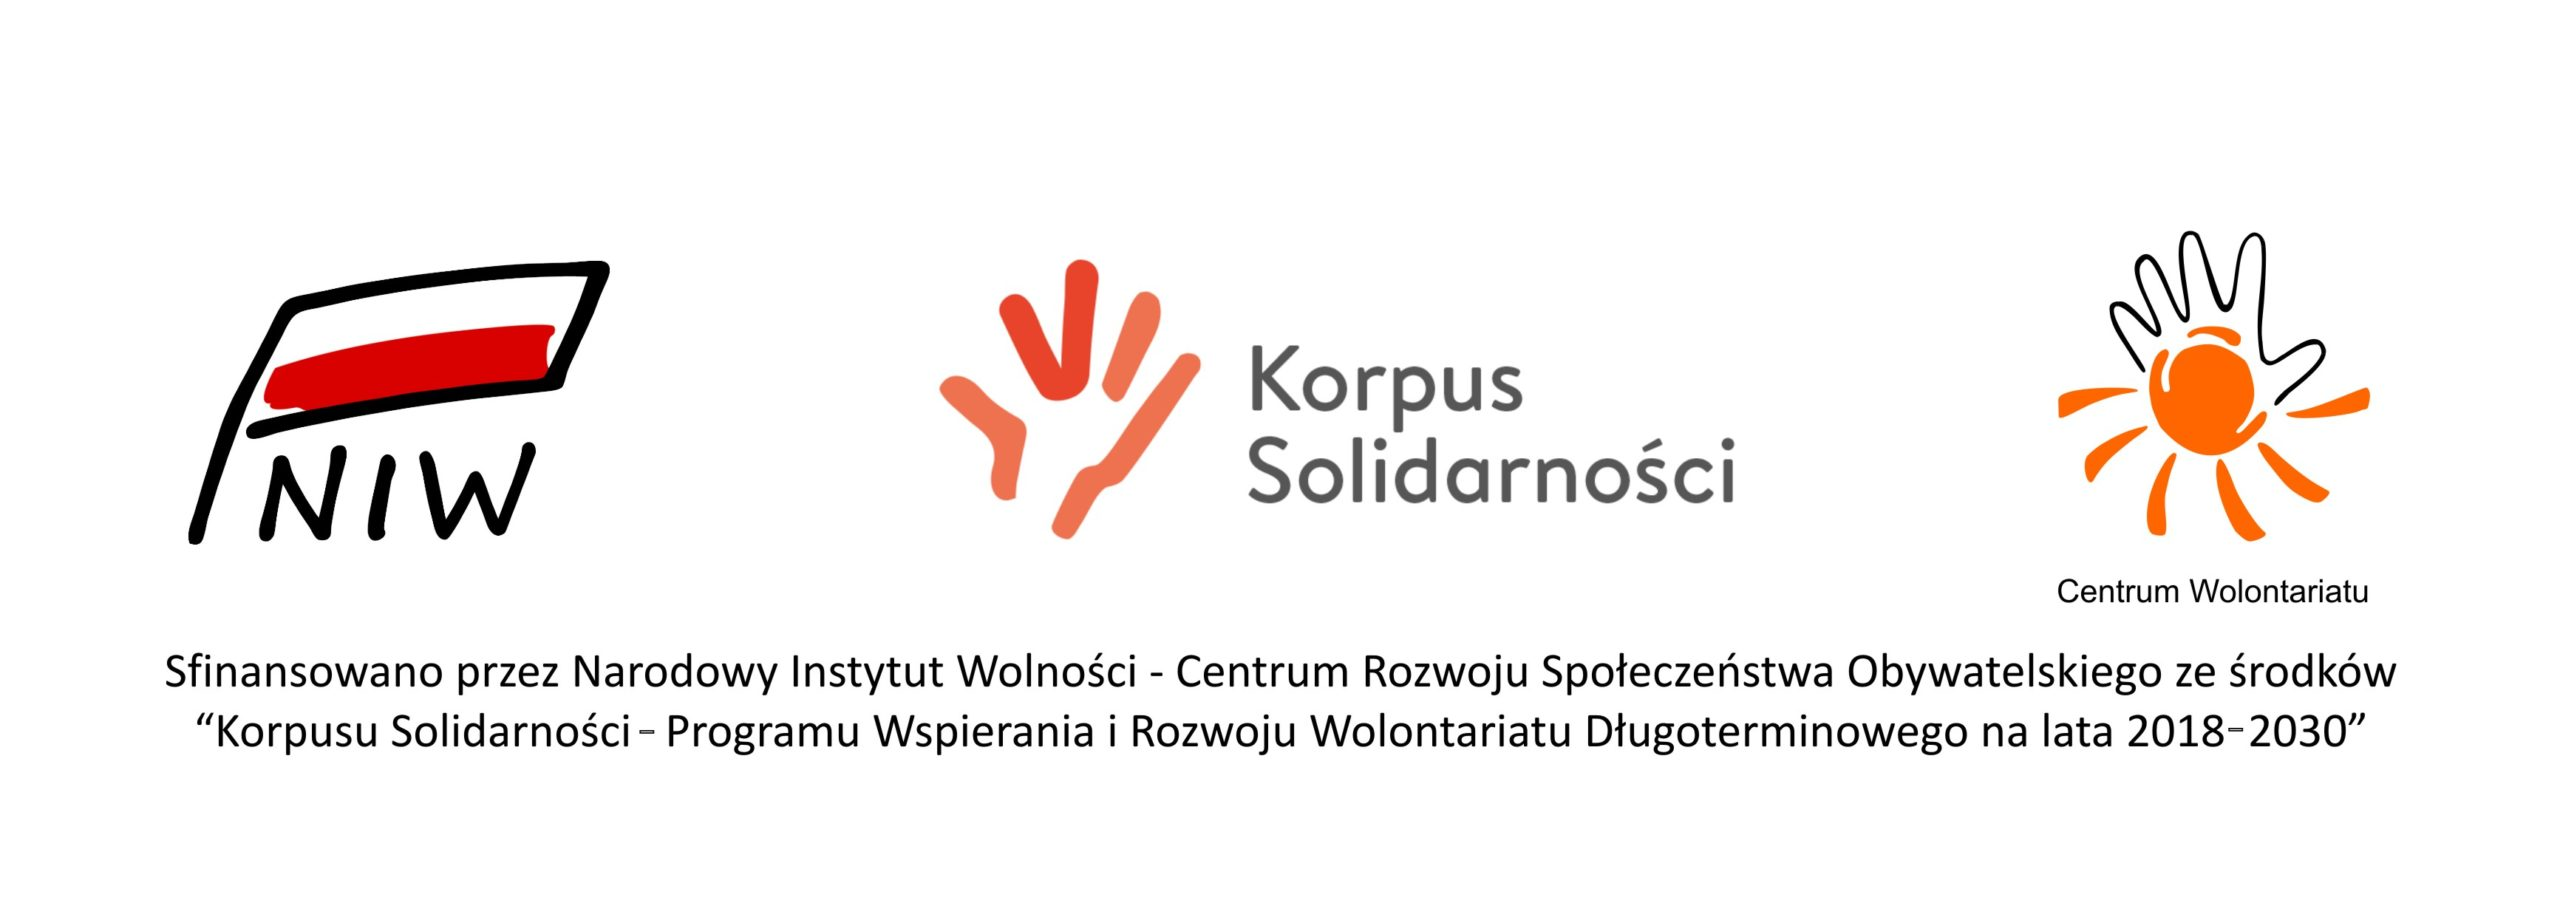 Ks Znak Partnerzy Poziom 3 Logotypy